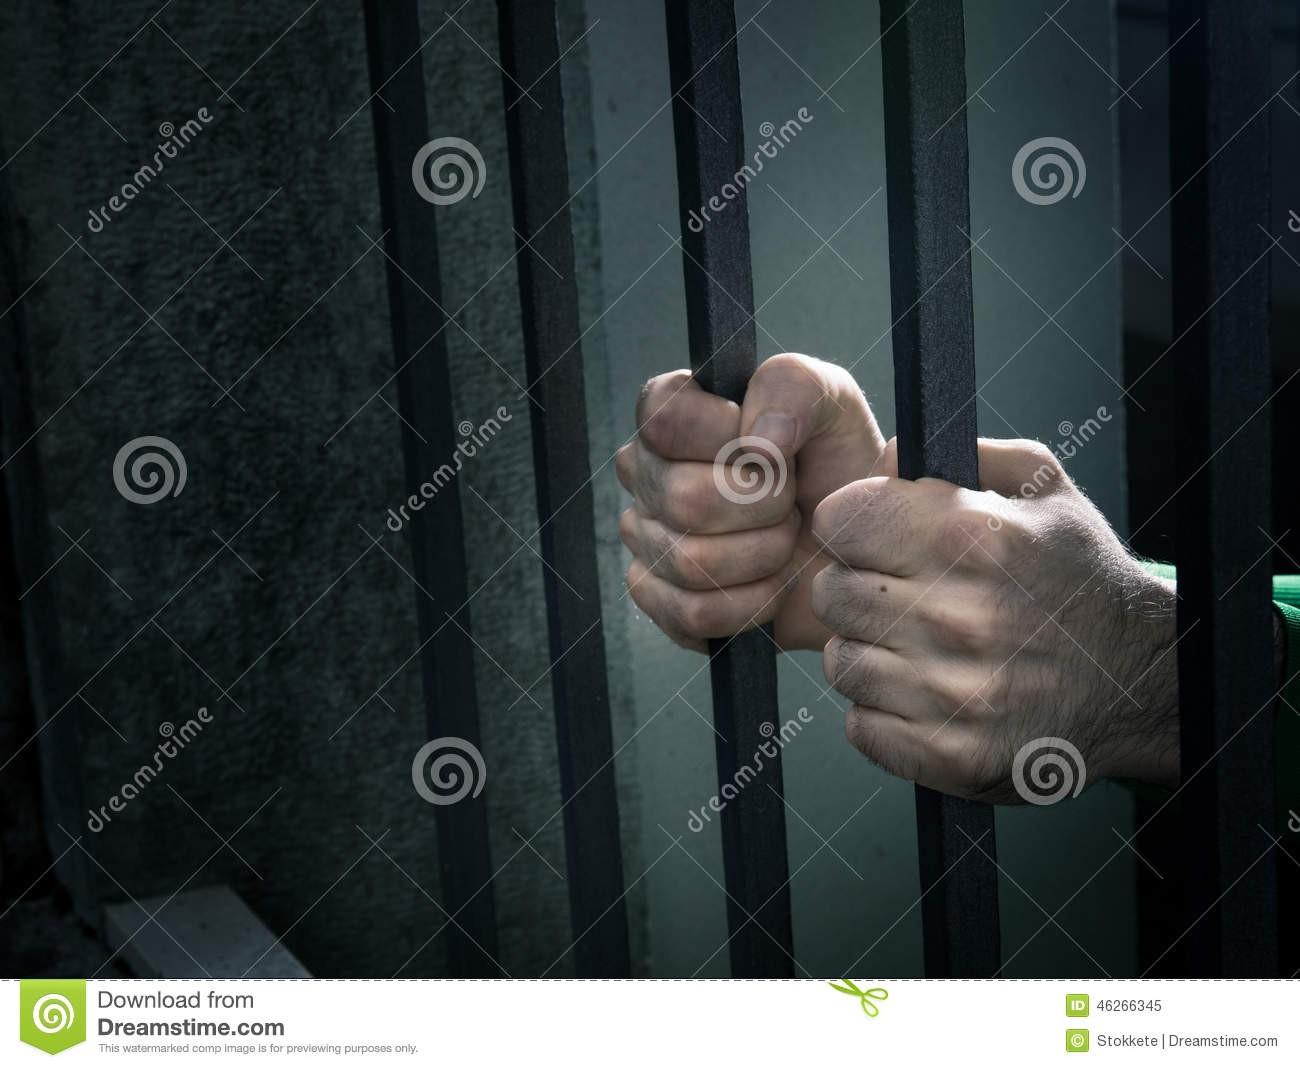 Mérites-tu la prison ?